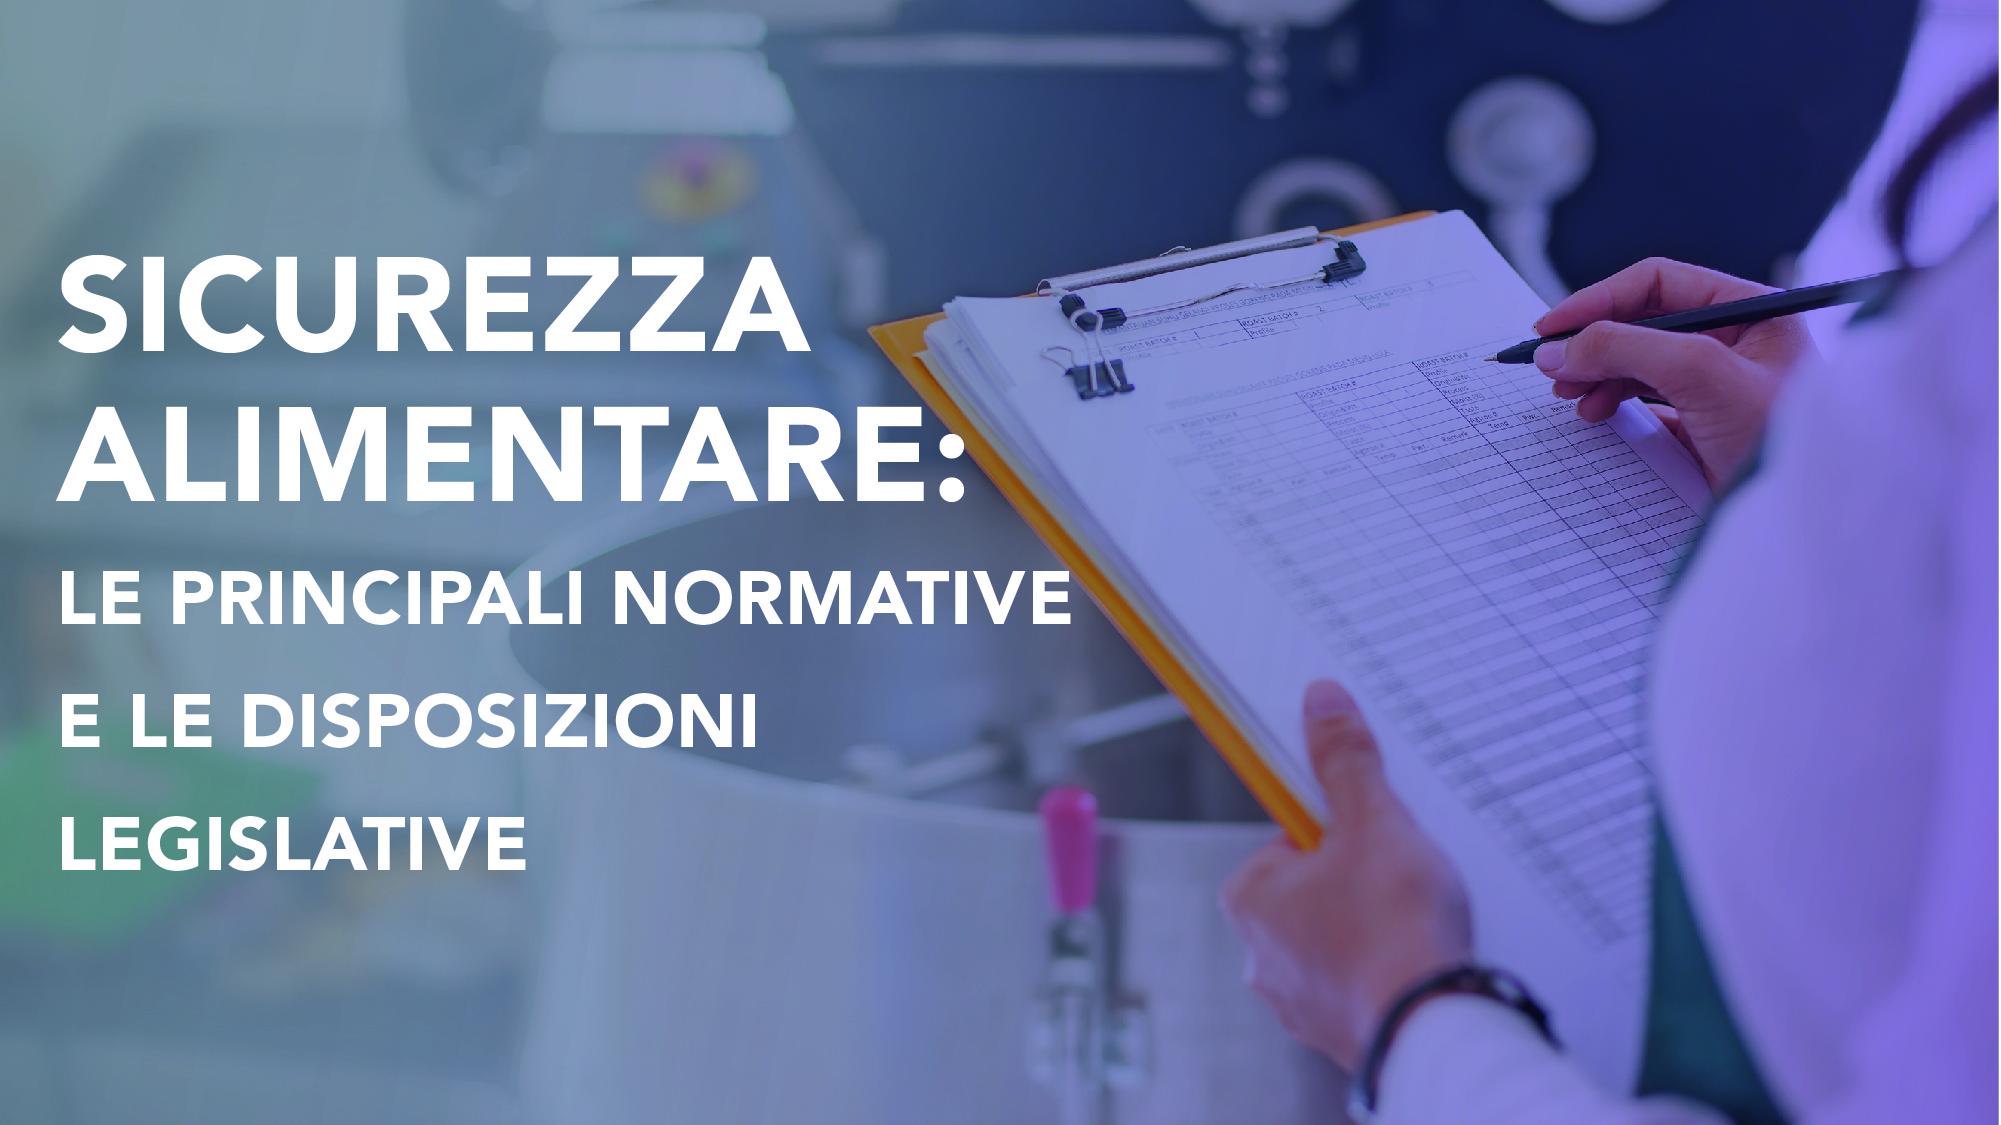 Corso-Online-Sicurezza-Alimentare-Le-Principali-Normative-e-le-Disposizioni-Legislative-Life-Learning